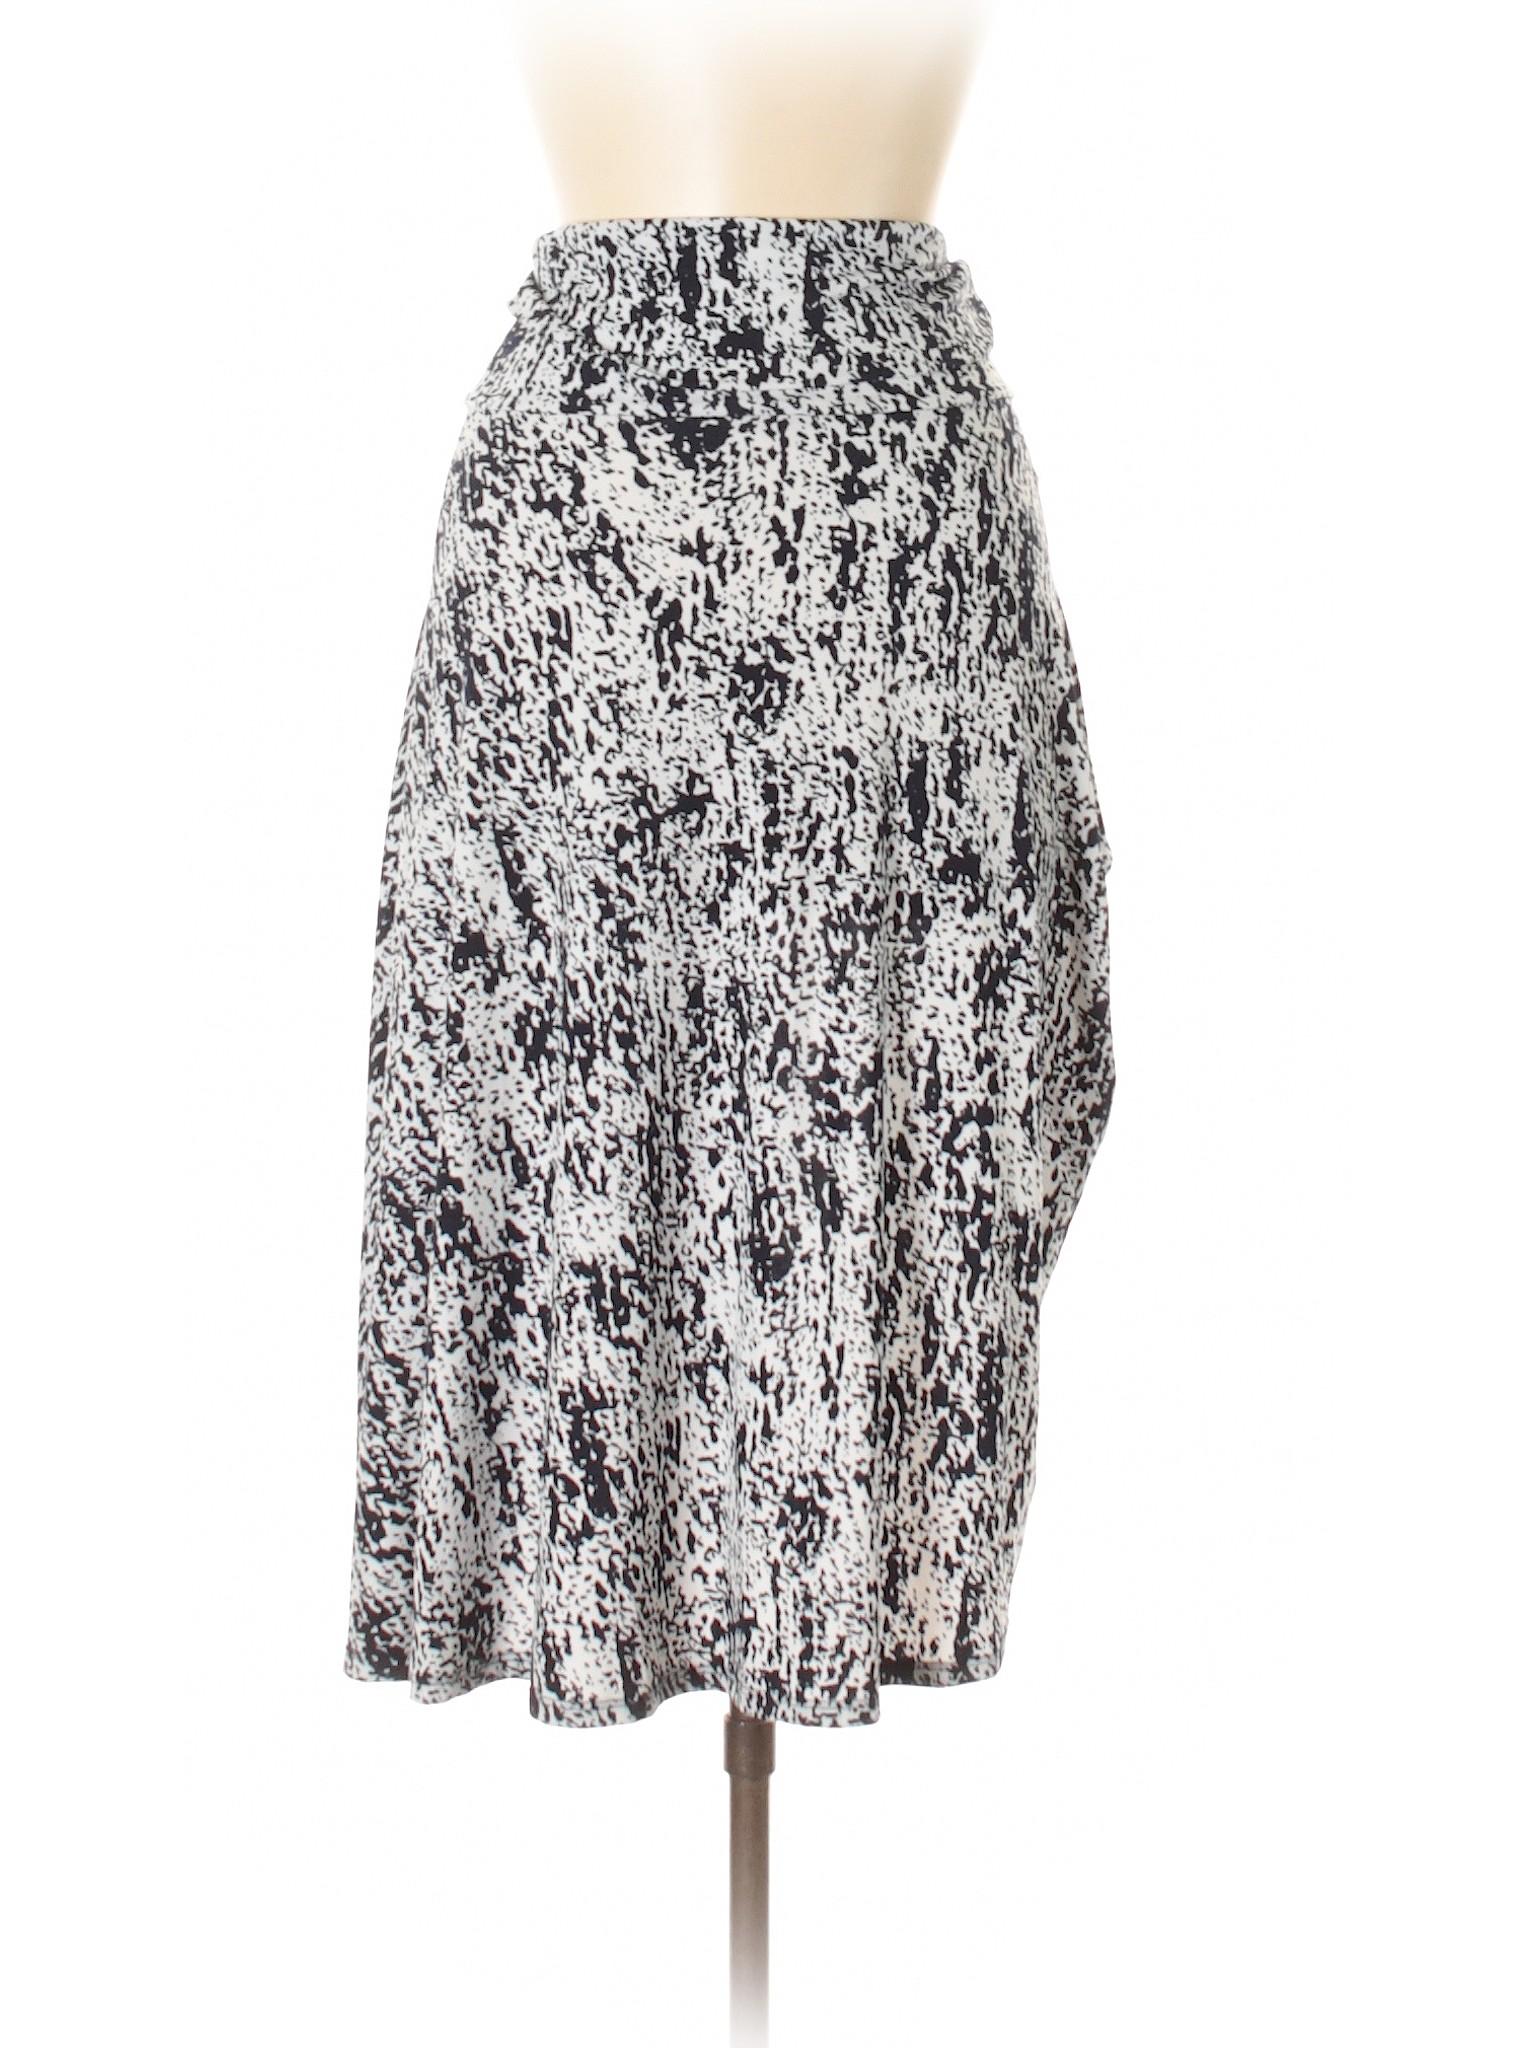 Lapis Casual Boutique Skirt Skirt Casual Lapis Boutique Boutique Boutique Casual Skirt Lapis vx6wq40xp